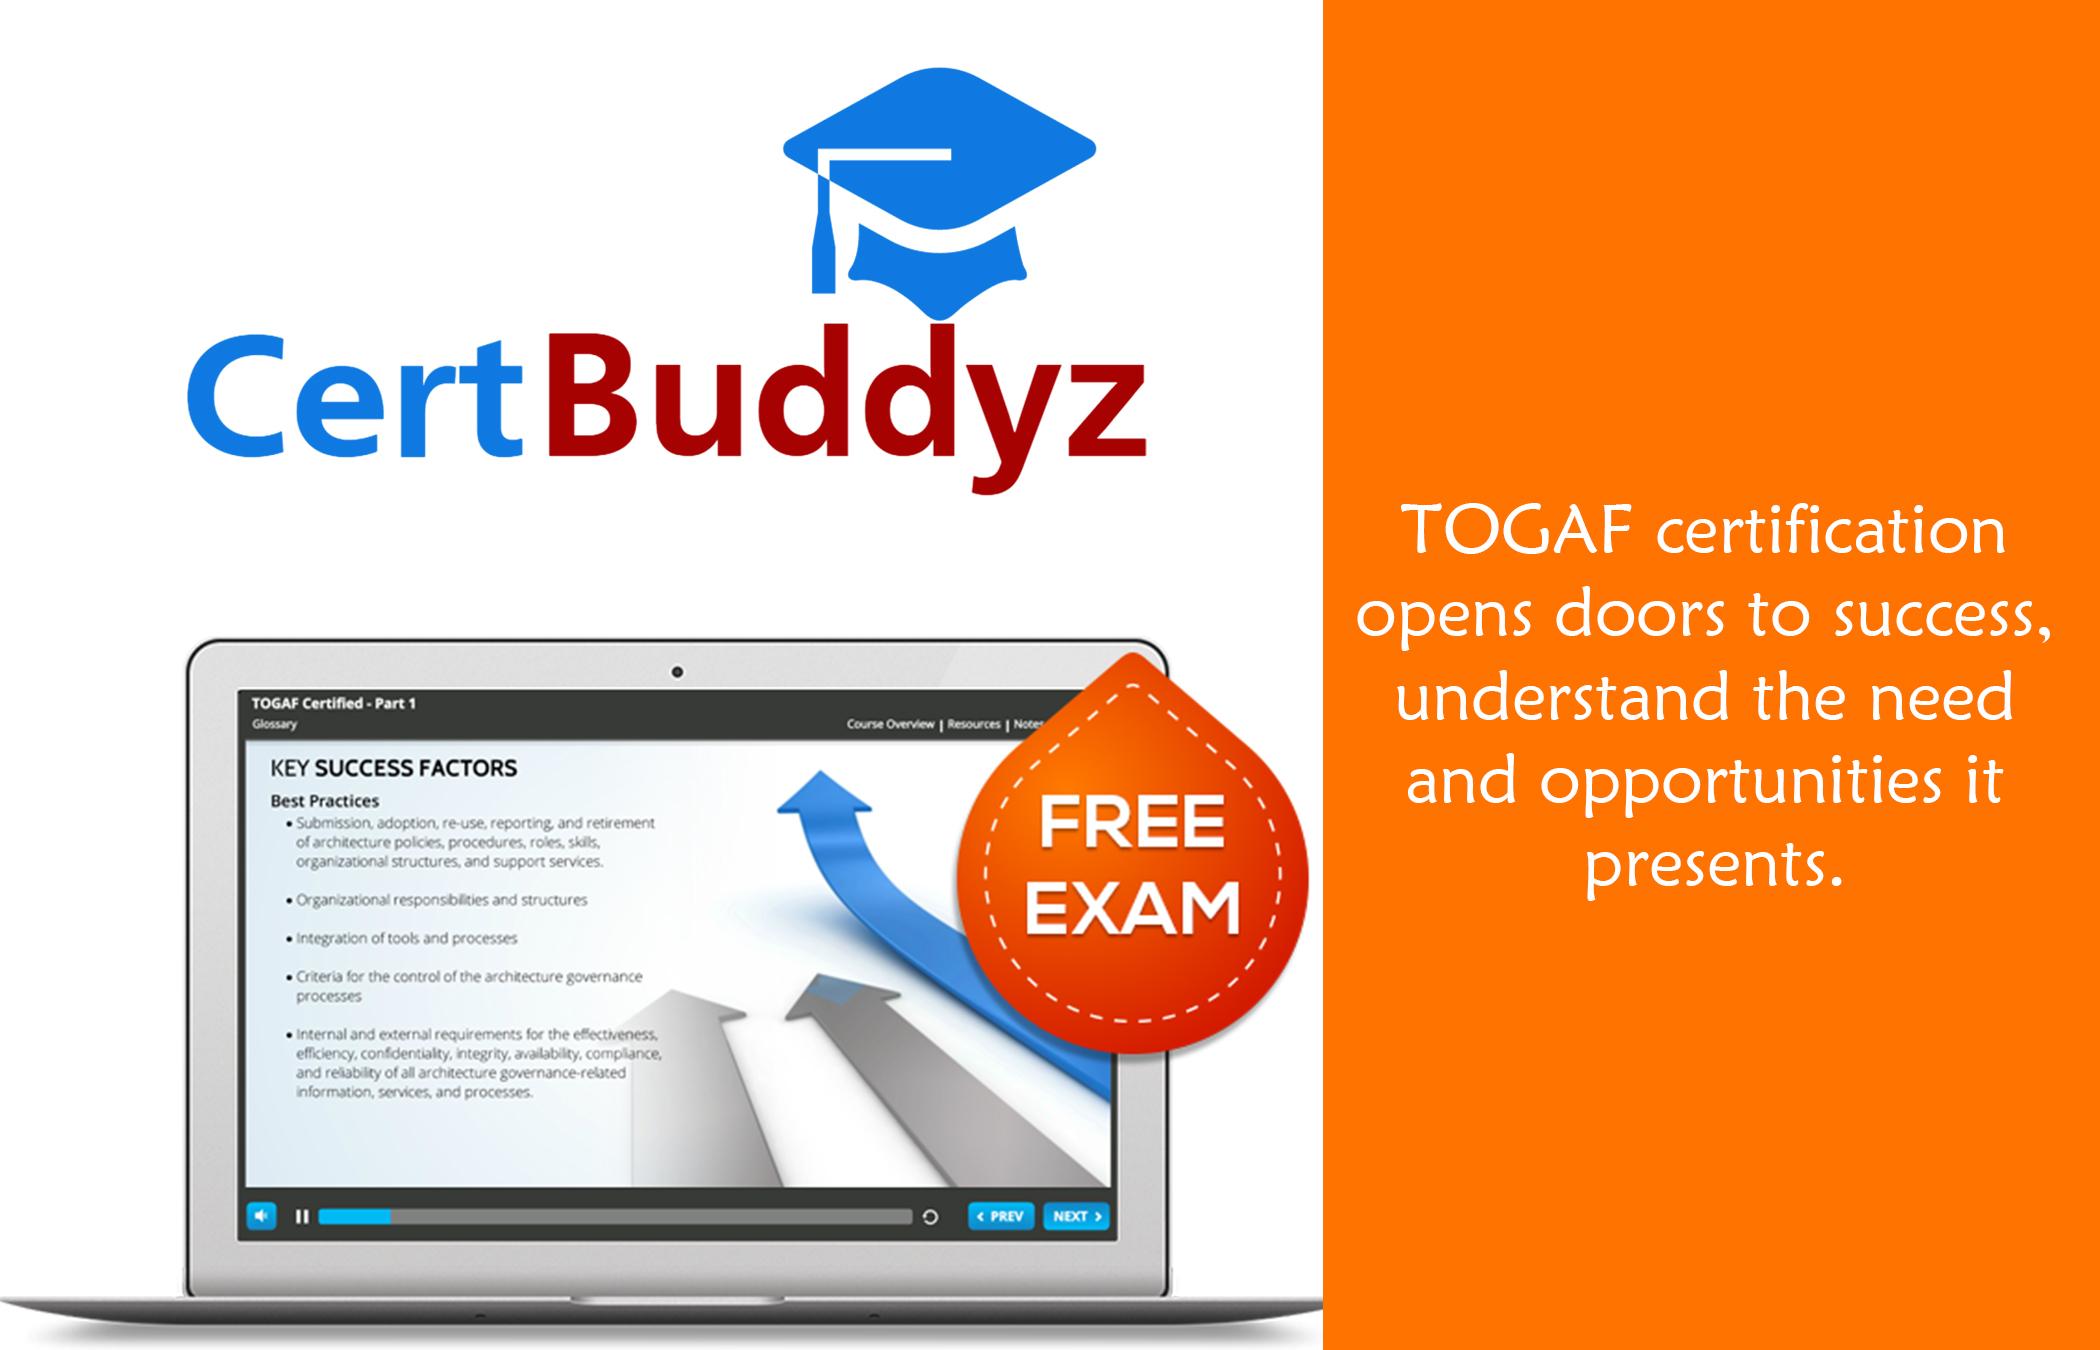 togaf certification opportunities understand presents success doors